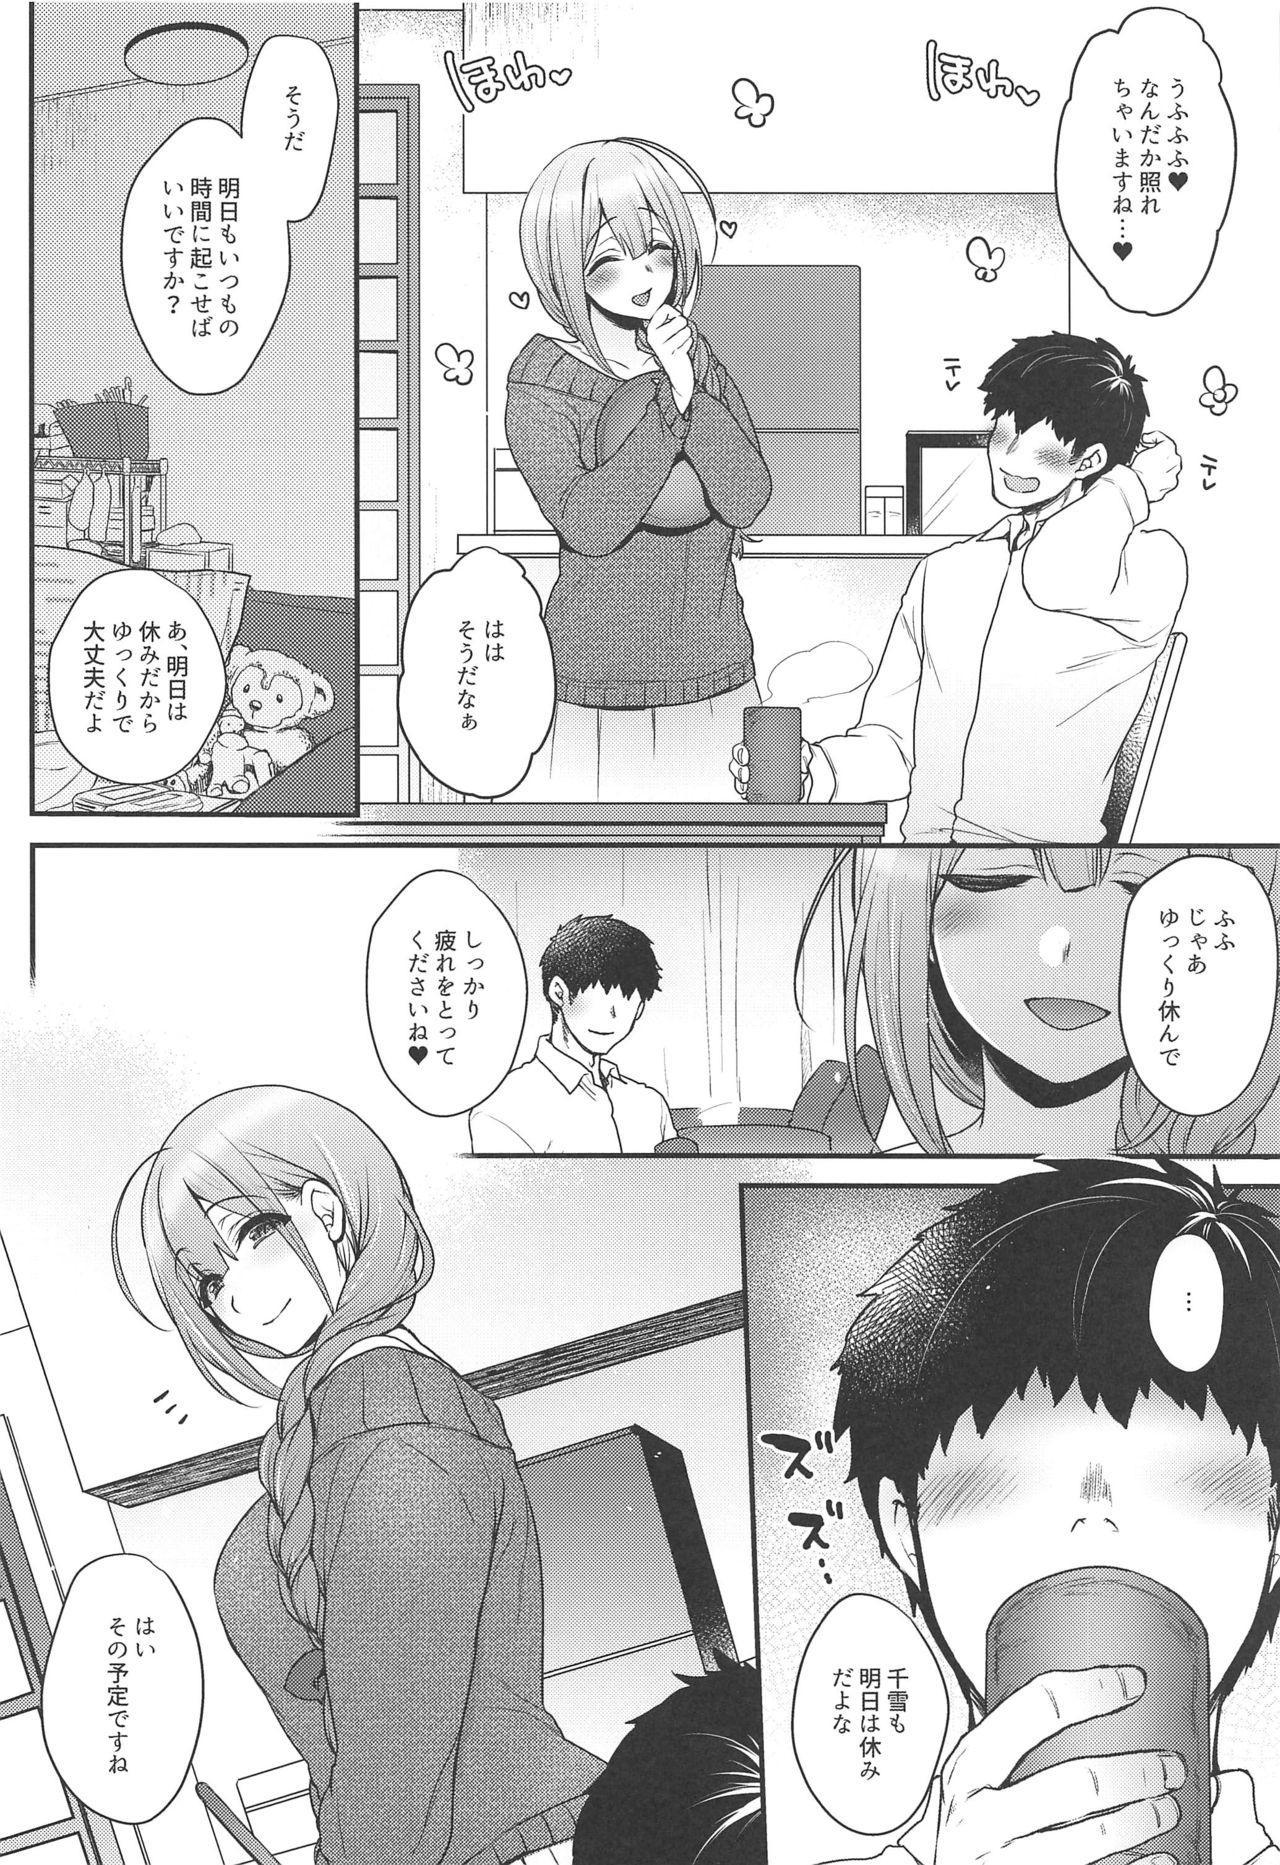 Aisai Seikatsu 6